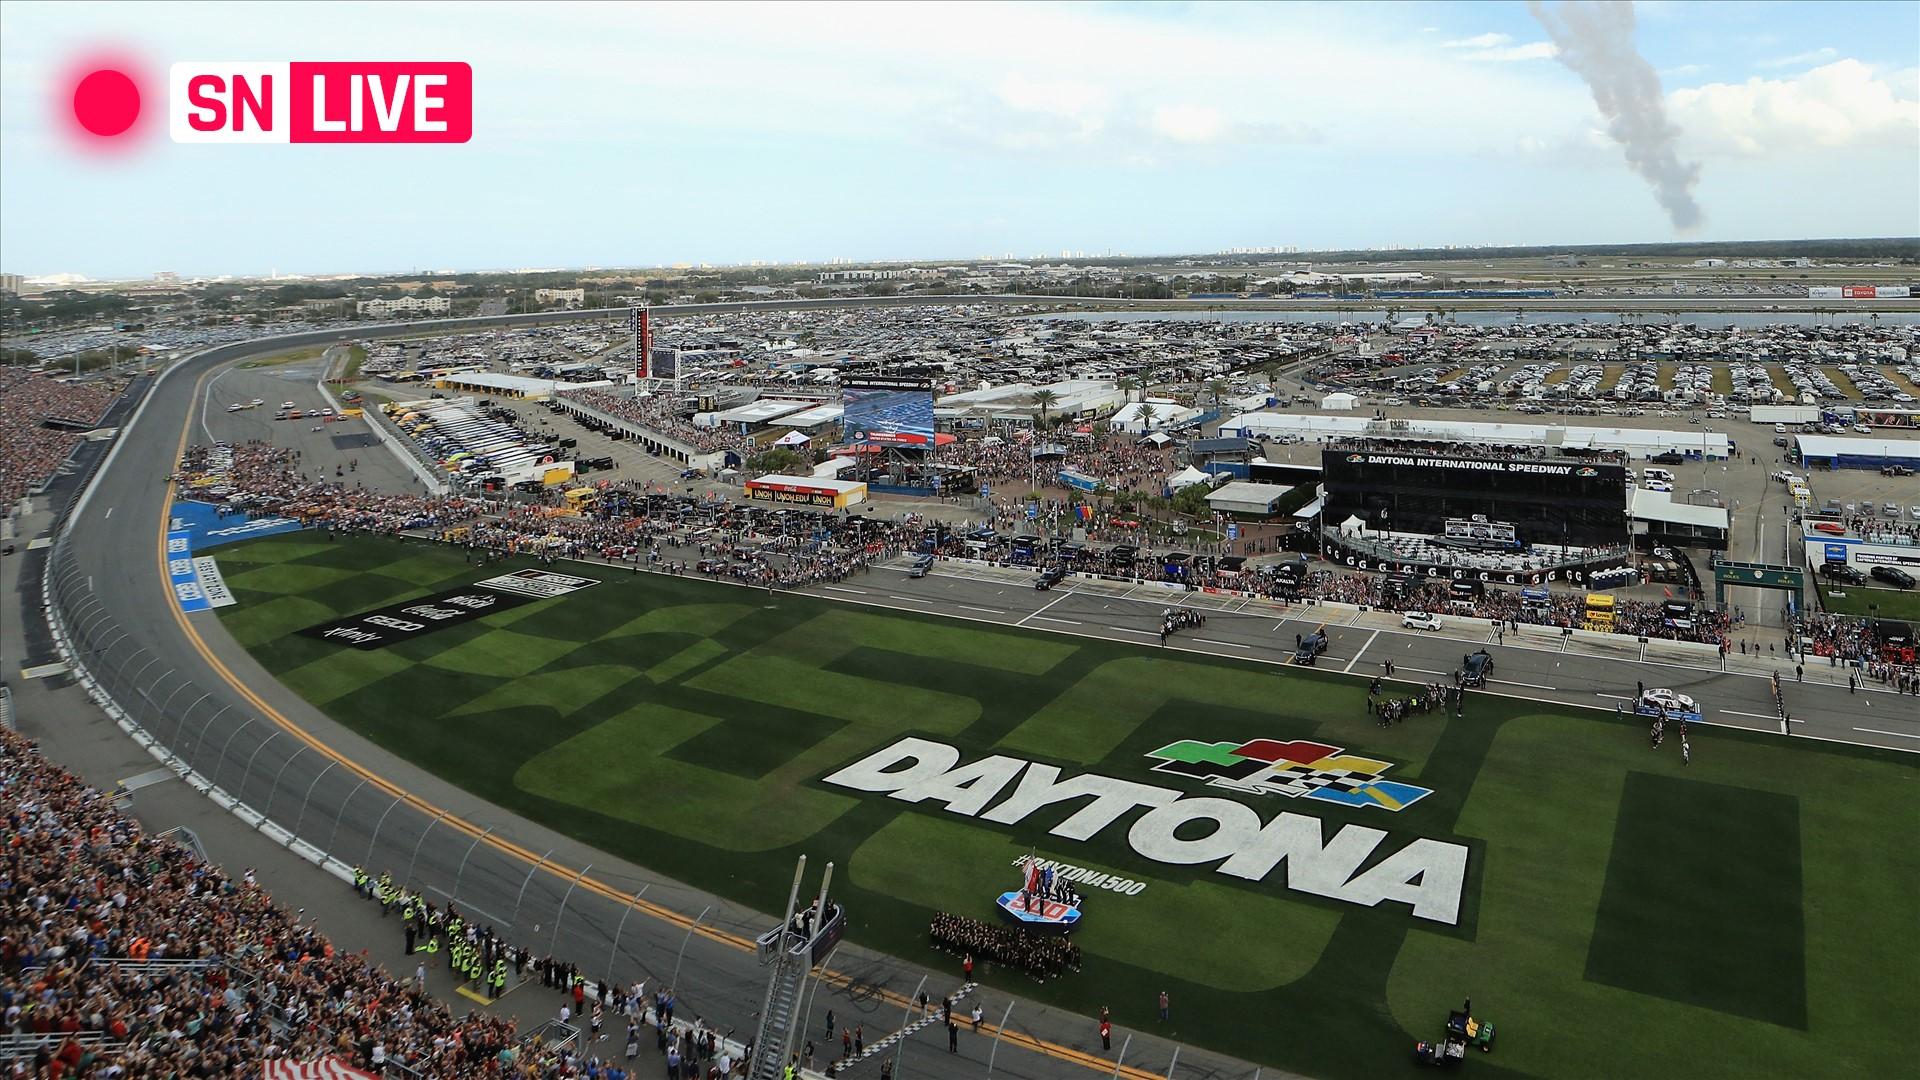 Daytona 500 actualizaciones en vivo, resultados, aspectos más destacados de la carrera de apertura de la temporada 2020 de NASCAR 2